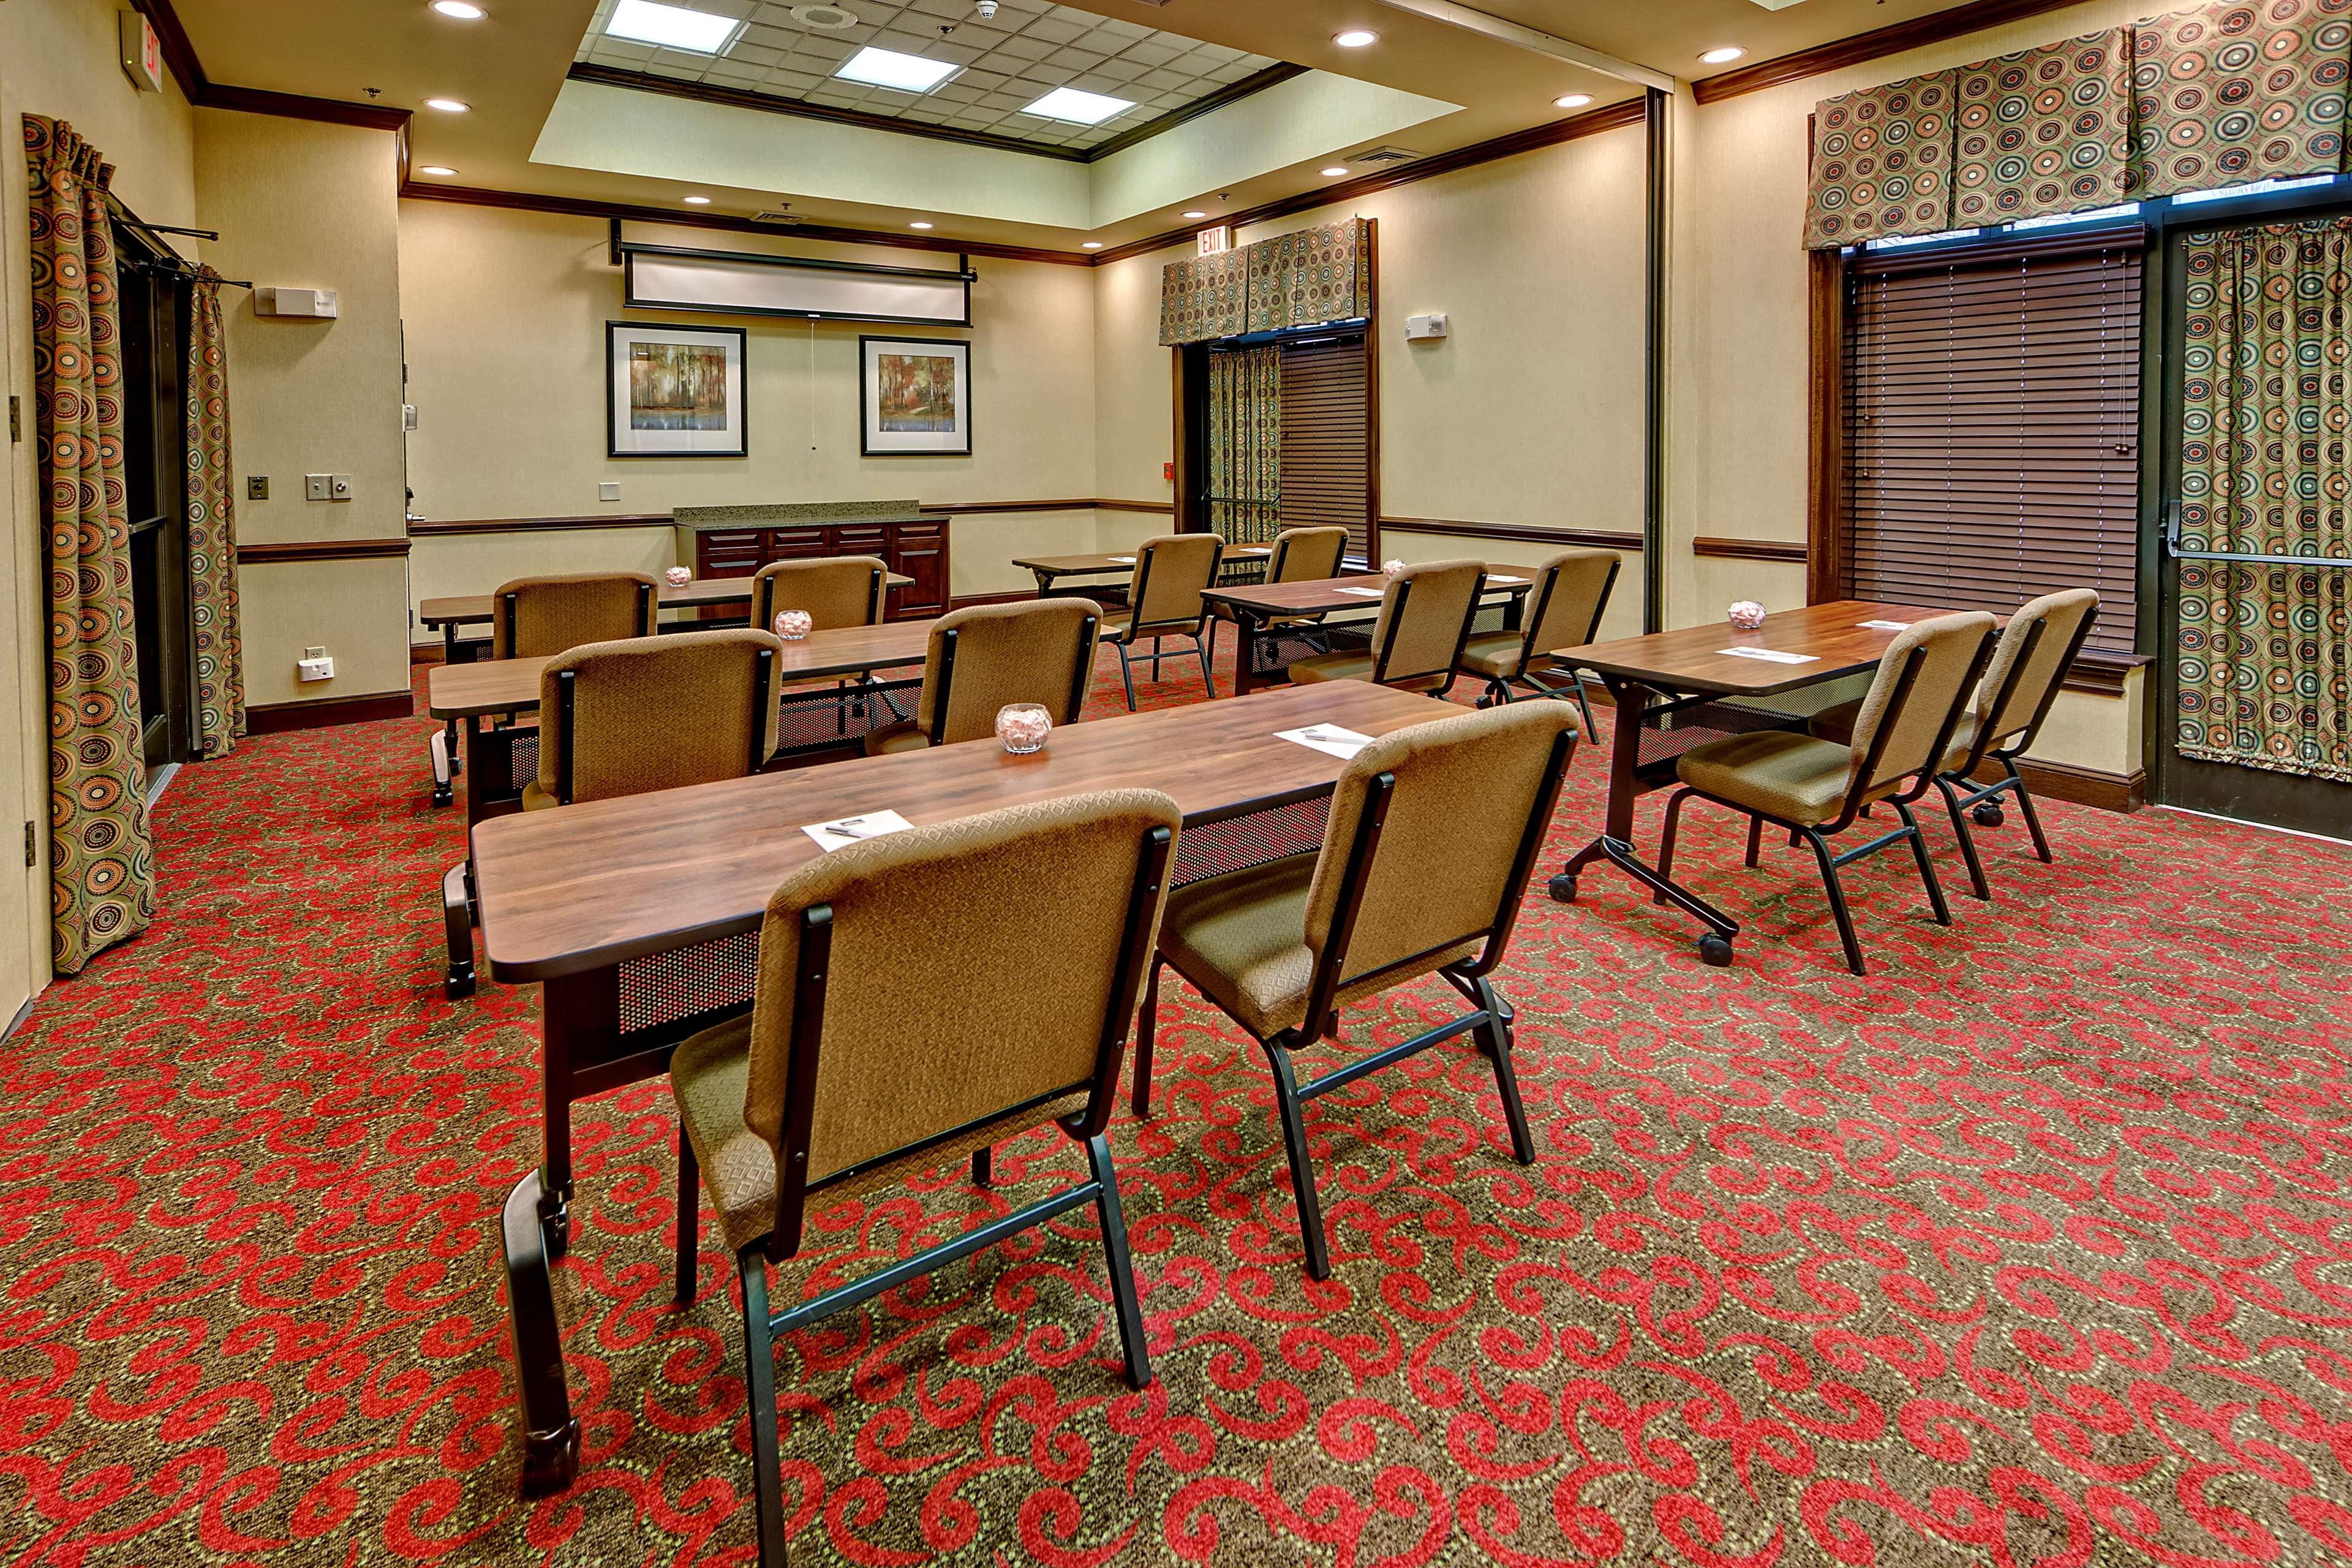 Hampton Inn & Suites Asheville-I-26 image 37